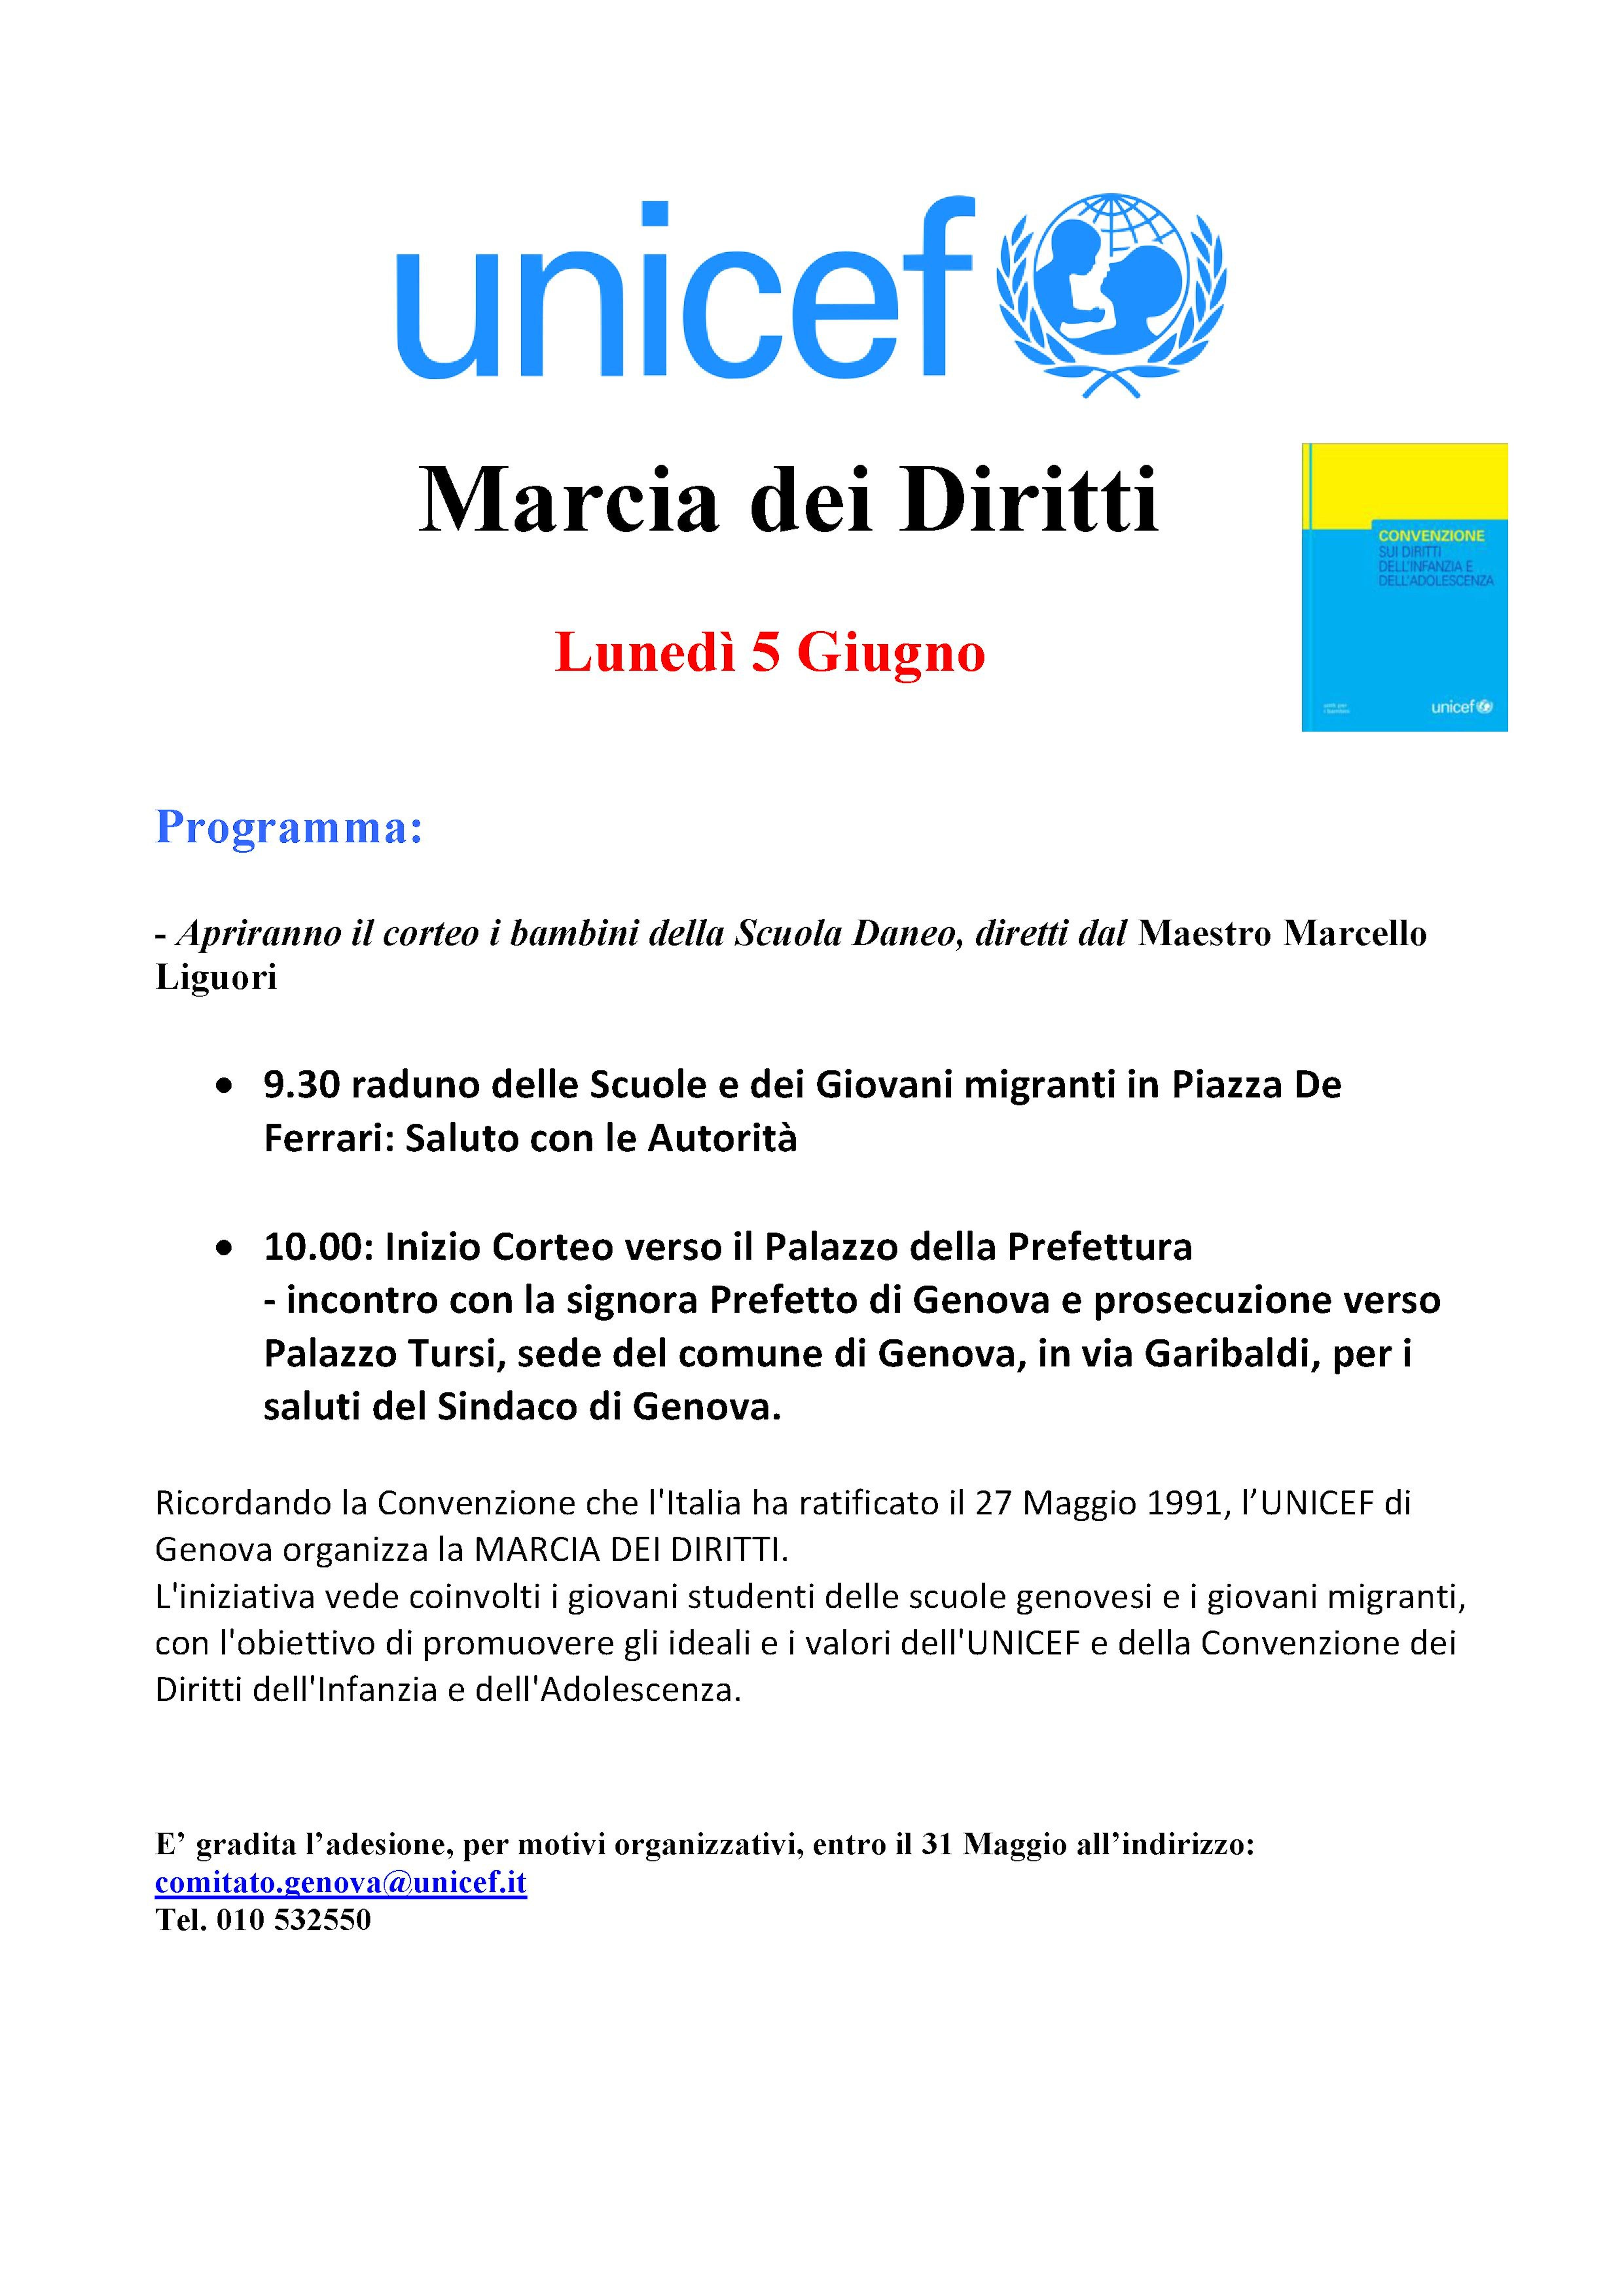 A Genova, il 5 giugno, vi aspettiamo alla Marcia dei Diritti